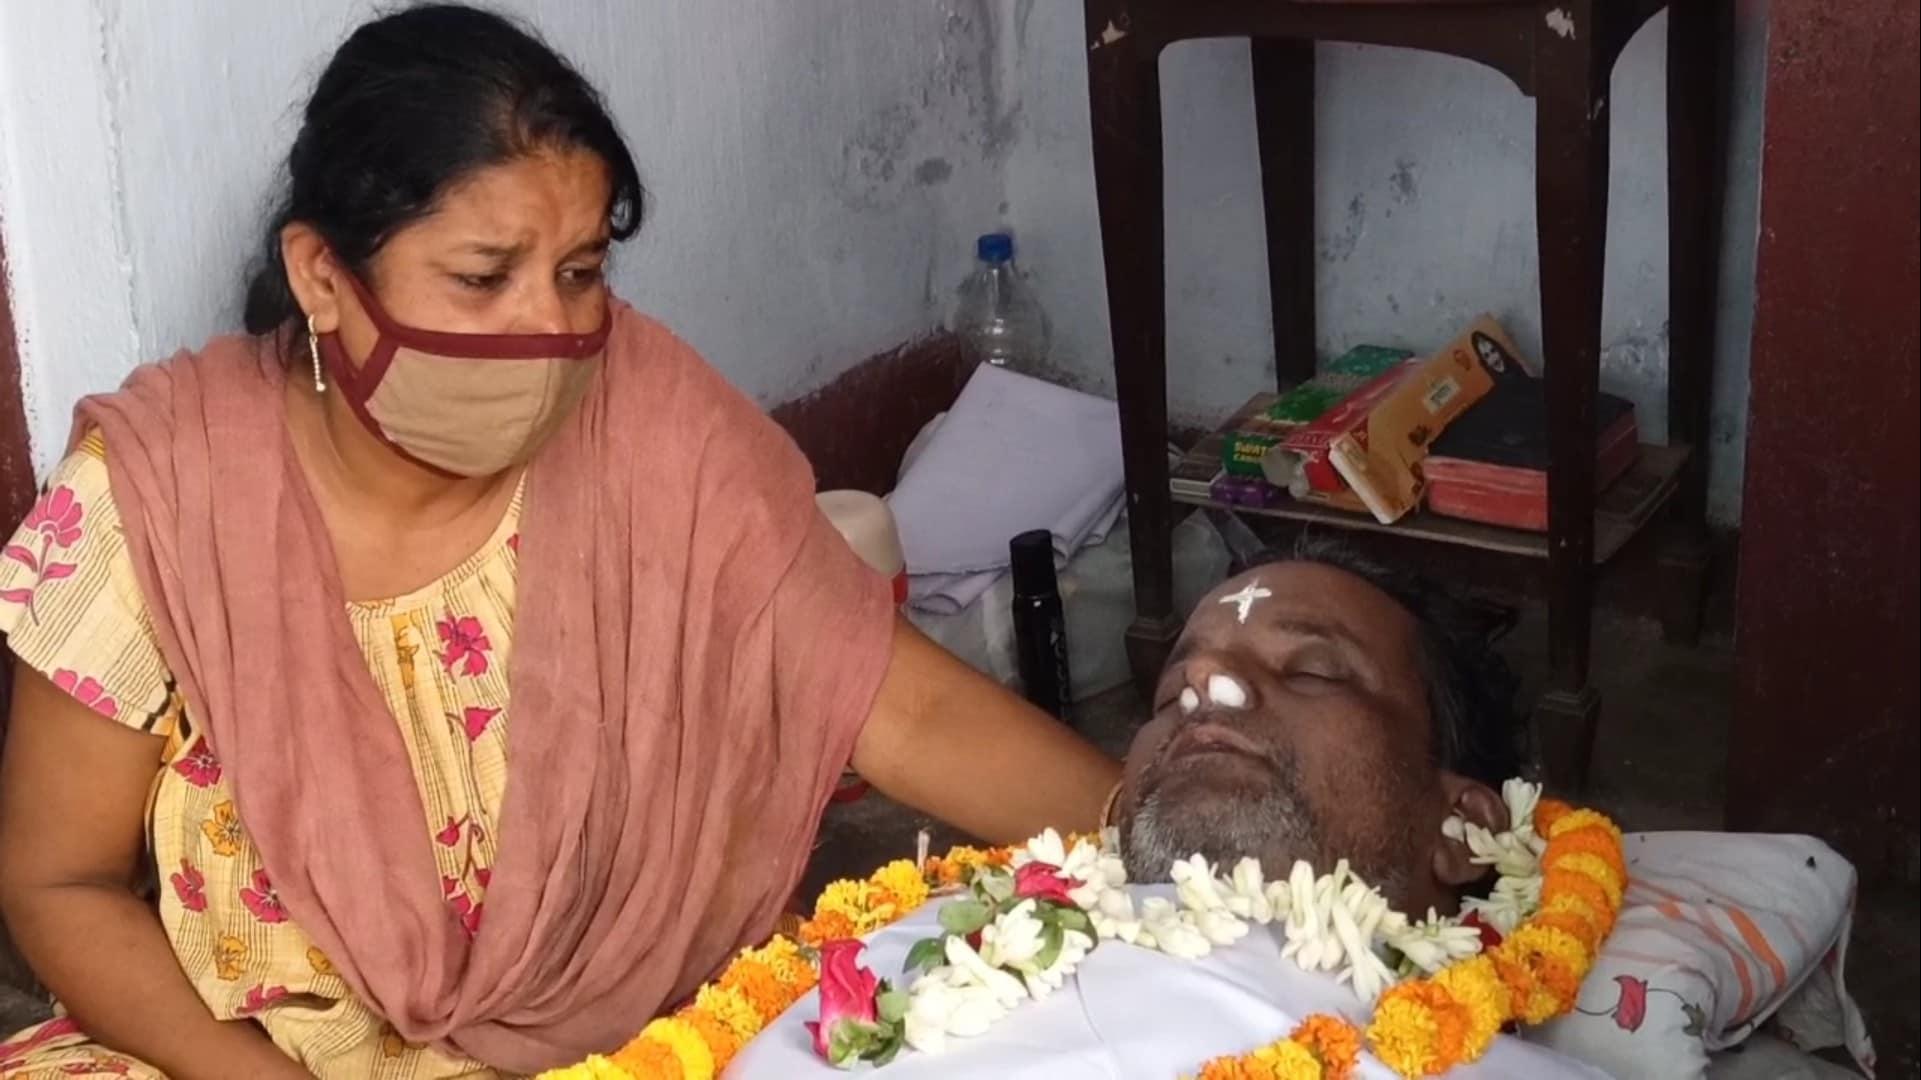 jharkhand news, jharkhand mines, jharkhand mining, mining worker death, झारखंड न्यूज़, झारखंड समाचार, झारखंड माइनिंग, झारखंड माइन्स